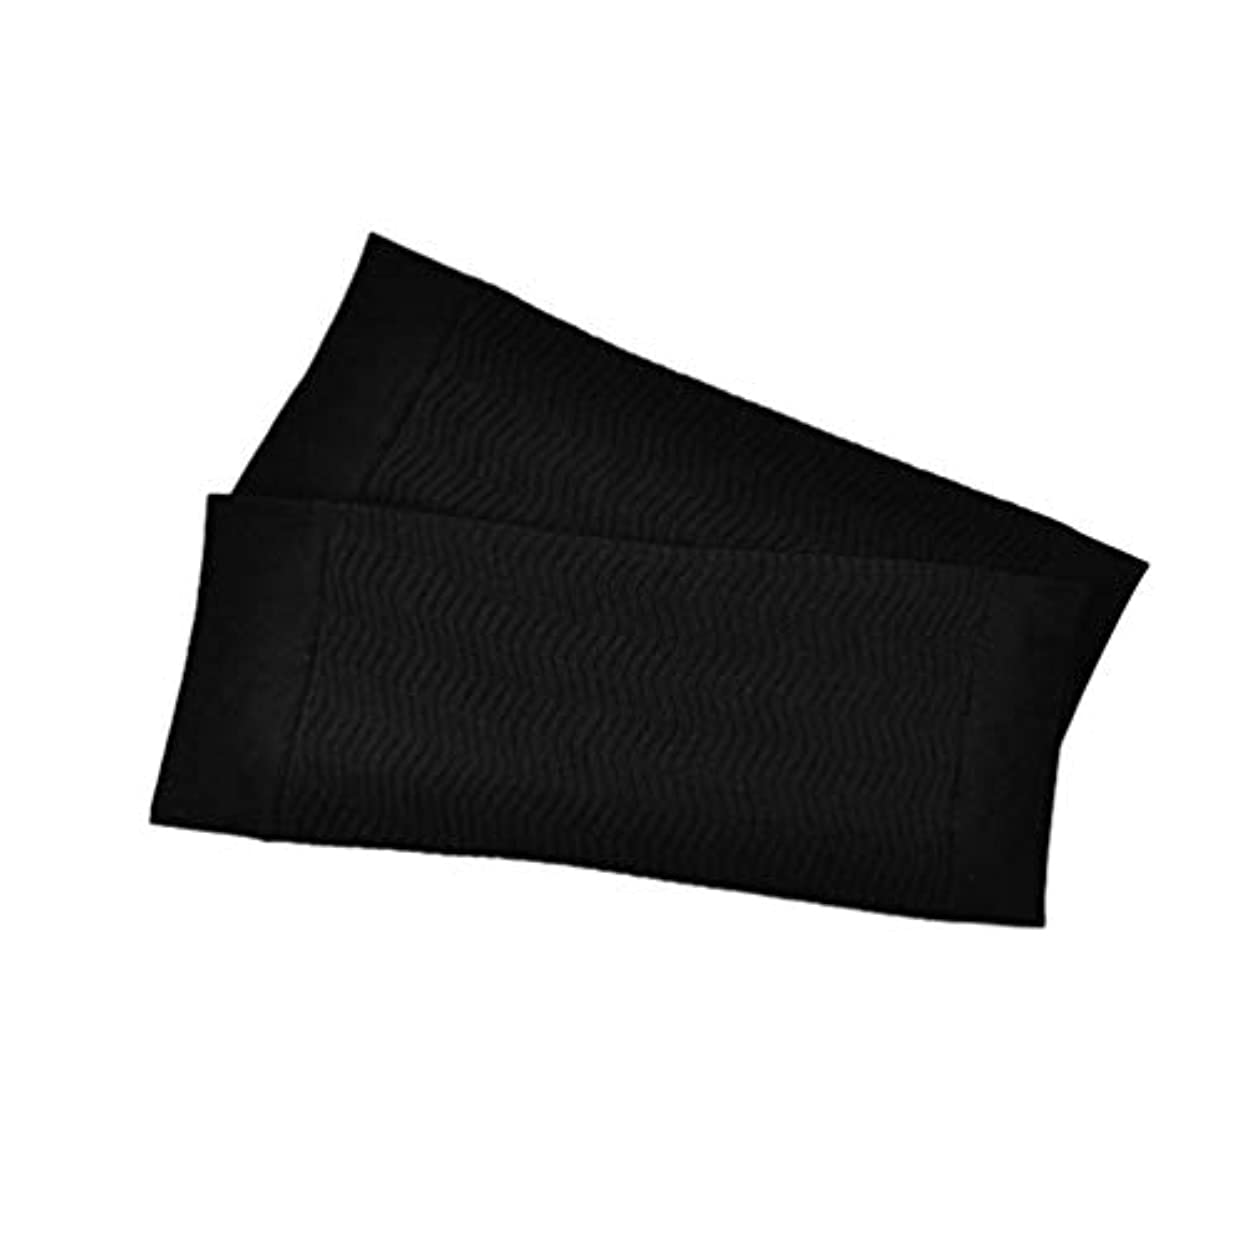 文言カウント高さ1ペア680 D圧縮アームシェイパーワークアウトトーニングバーンセルライトスリミングアームスリーブ脂肪燃焼半袖用女性 - ブラック